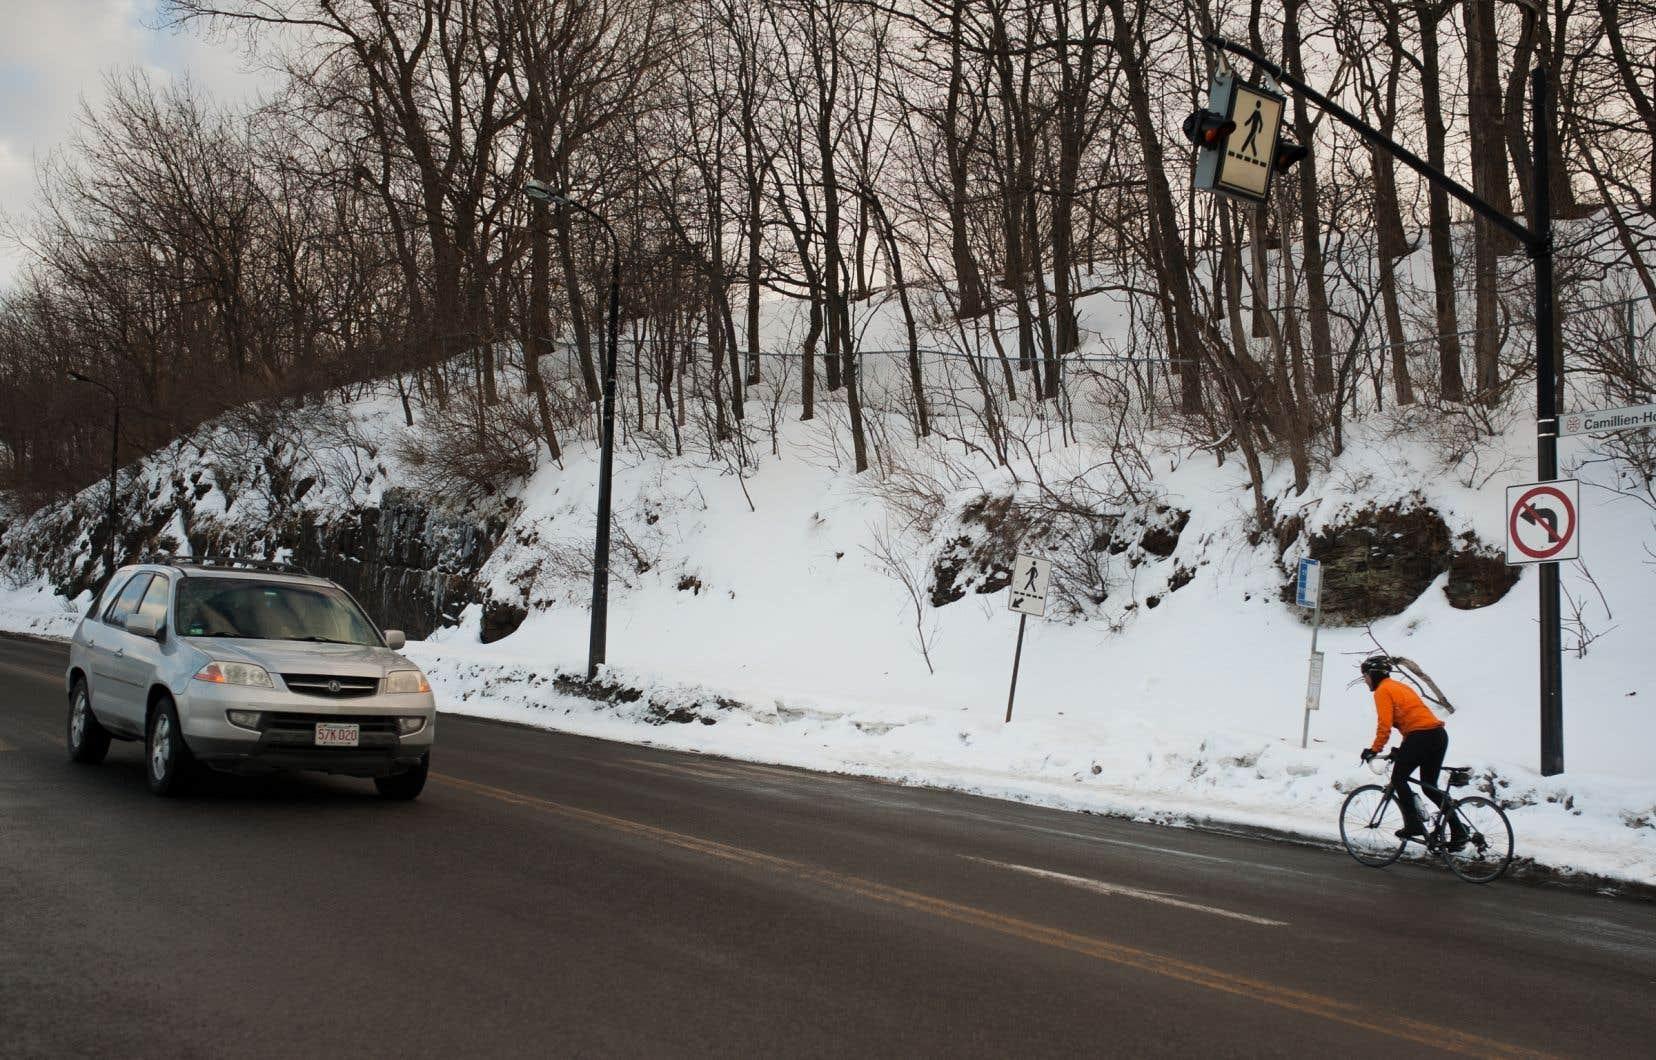 Plus de 25000 citoyens ont signé une pétition en ligne demandant à la Ville de maintenir la circulation automobile d'est en ouest de la montagne.